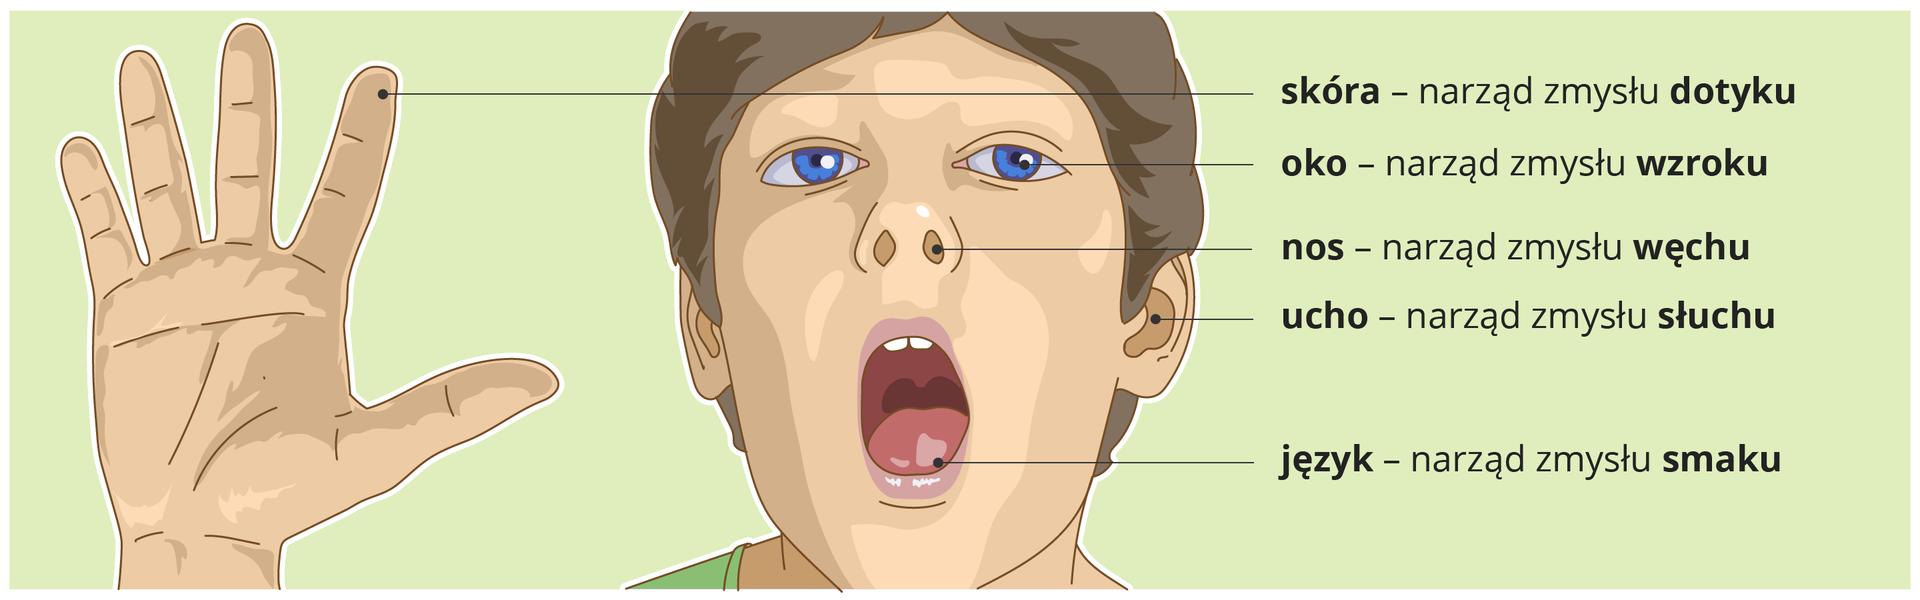 Na ilustracji znajduje się chłopiec. Na jego ciele zostały zaznaczone narządy zmysłów, które służą do odbierania wrażeń. Człowiek ma pięć takich narządów. Cztery znich umieszczone są na głowie, anarząd dotyku, którym jest skóra, okrywa całe ciało człowieka. Pozostałe to: oko – narząd zmysłu wzroku, nos – narząd zmysłu węchu, ucho – narząd zmysłu słuchu, ijęzyk – narząd zmysłu smaku.